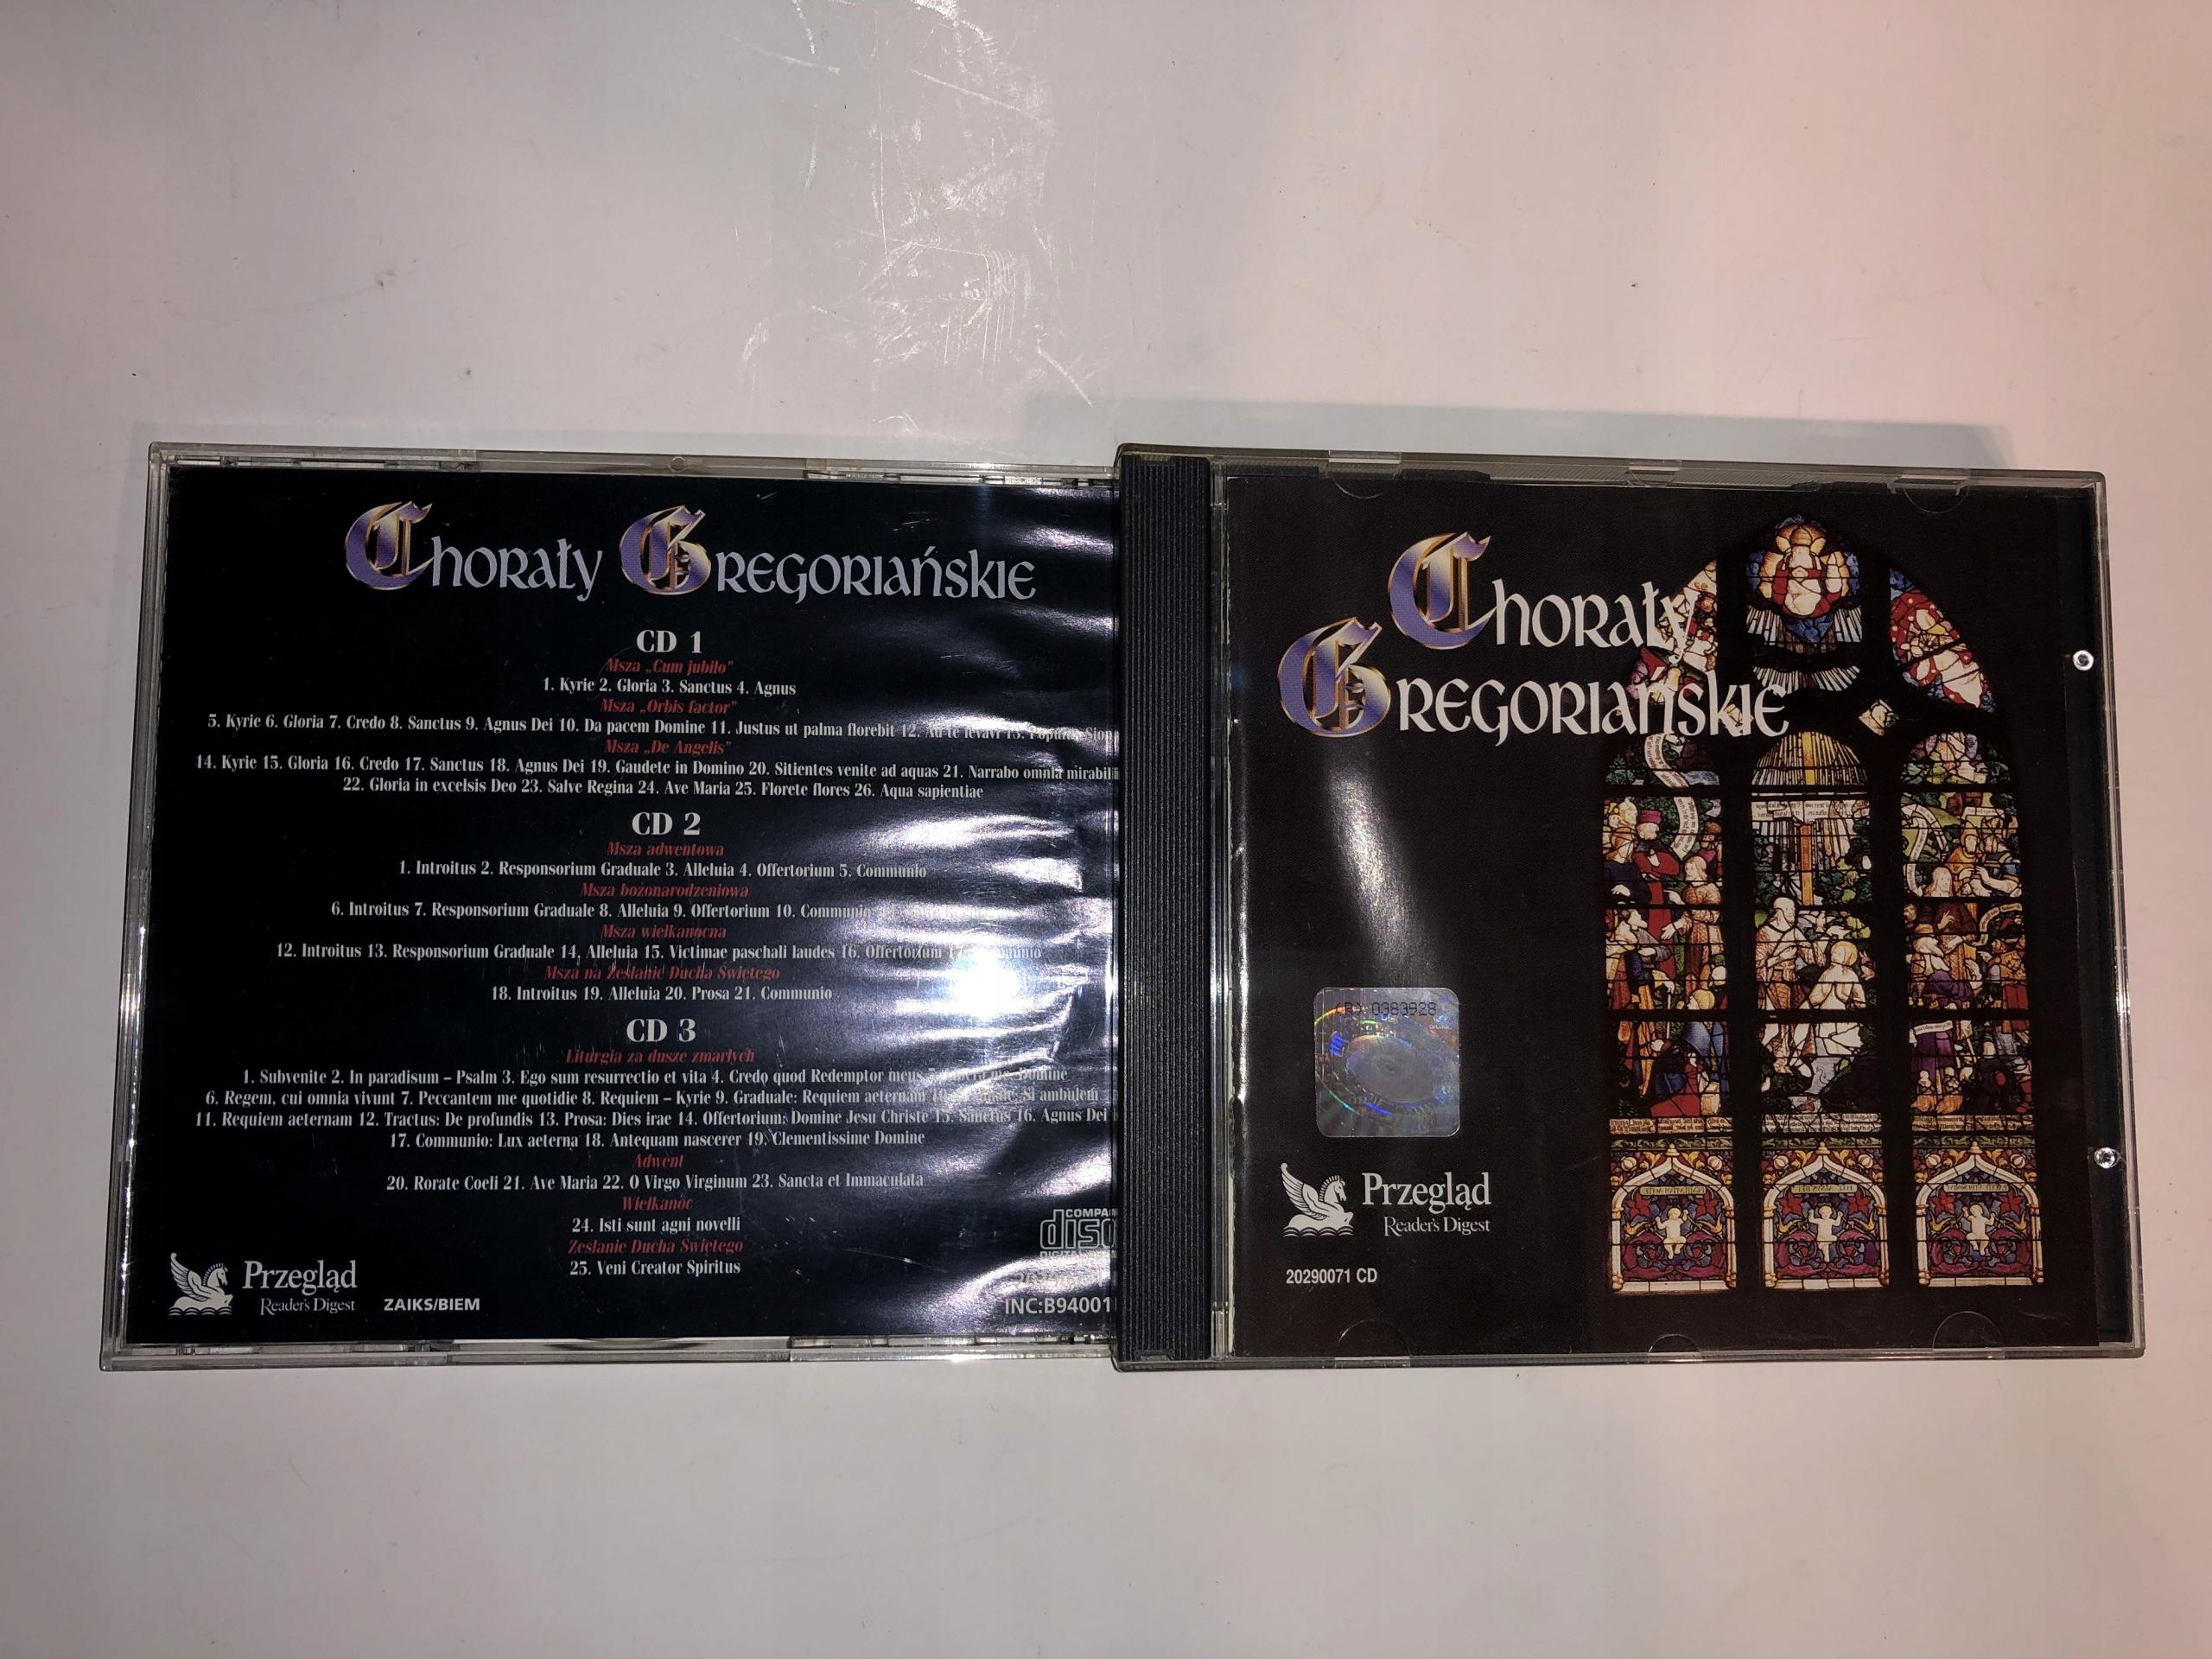 Chorały Gregoriańskie 3CD